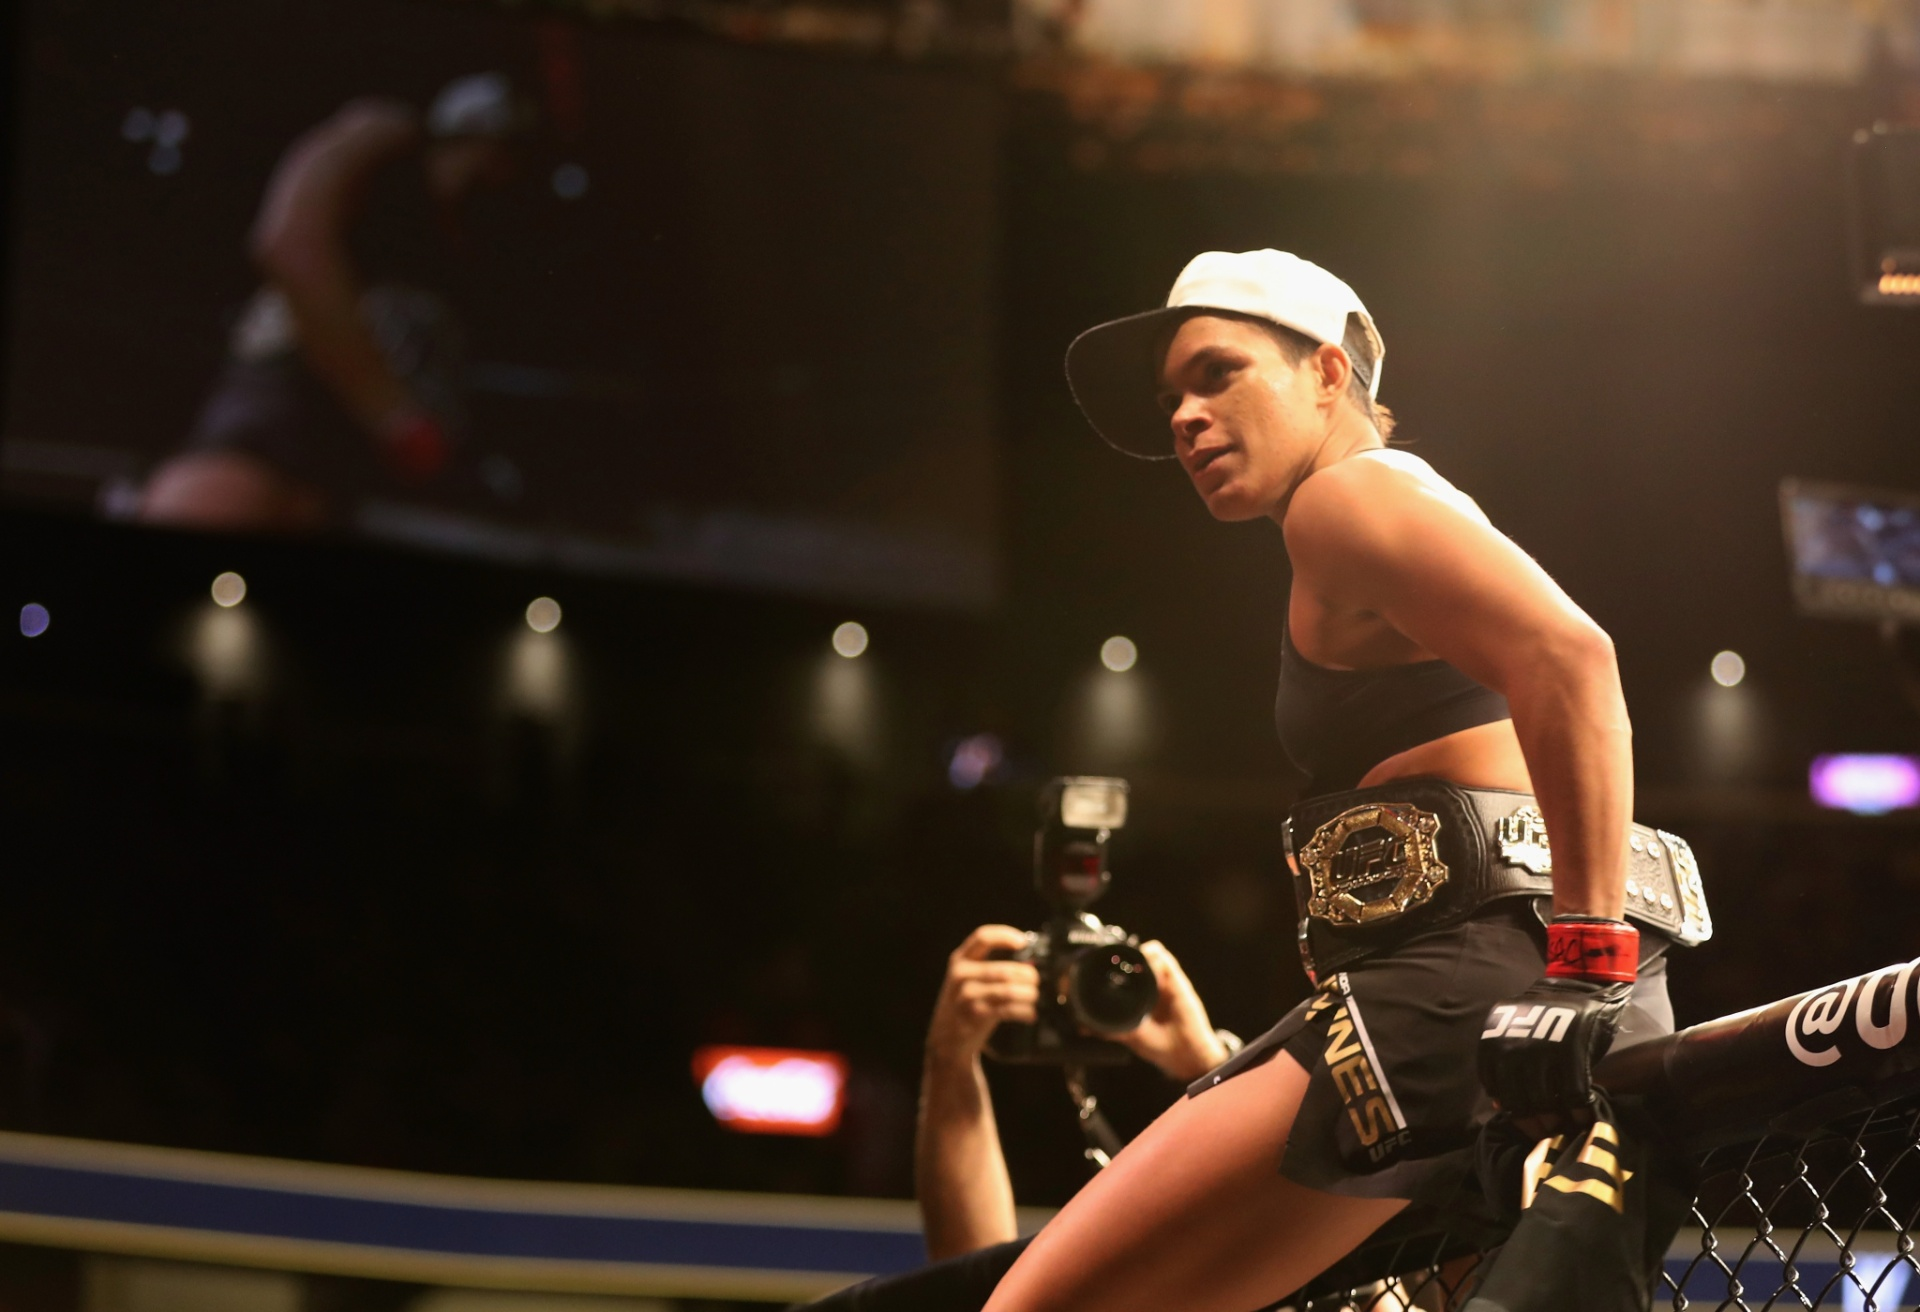 Especial - Amanda Nunes comemora vitória contra Ronda